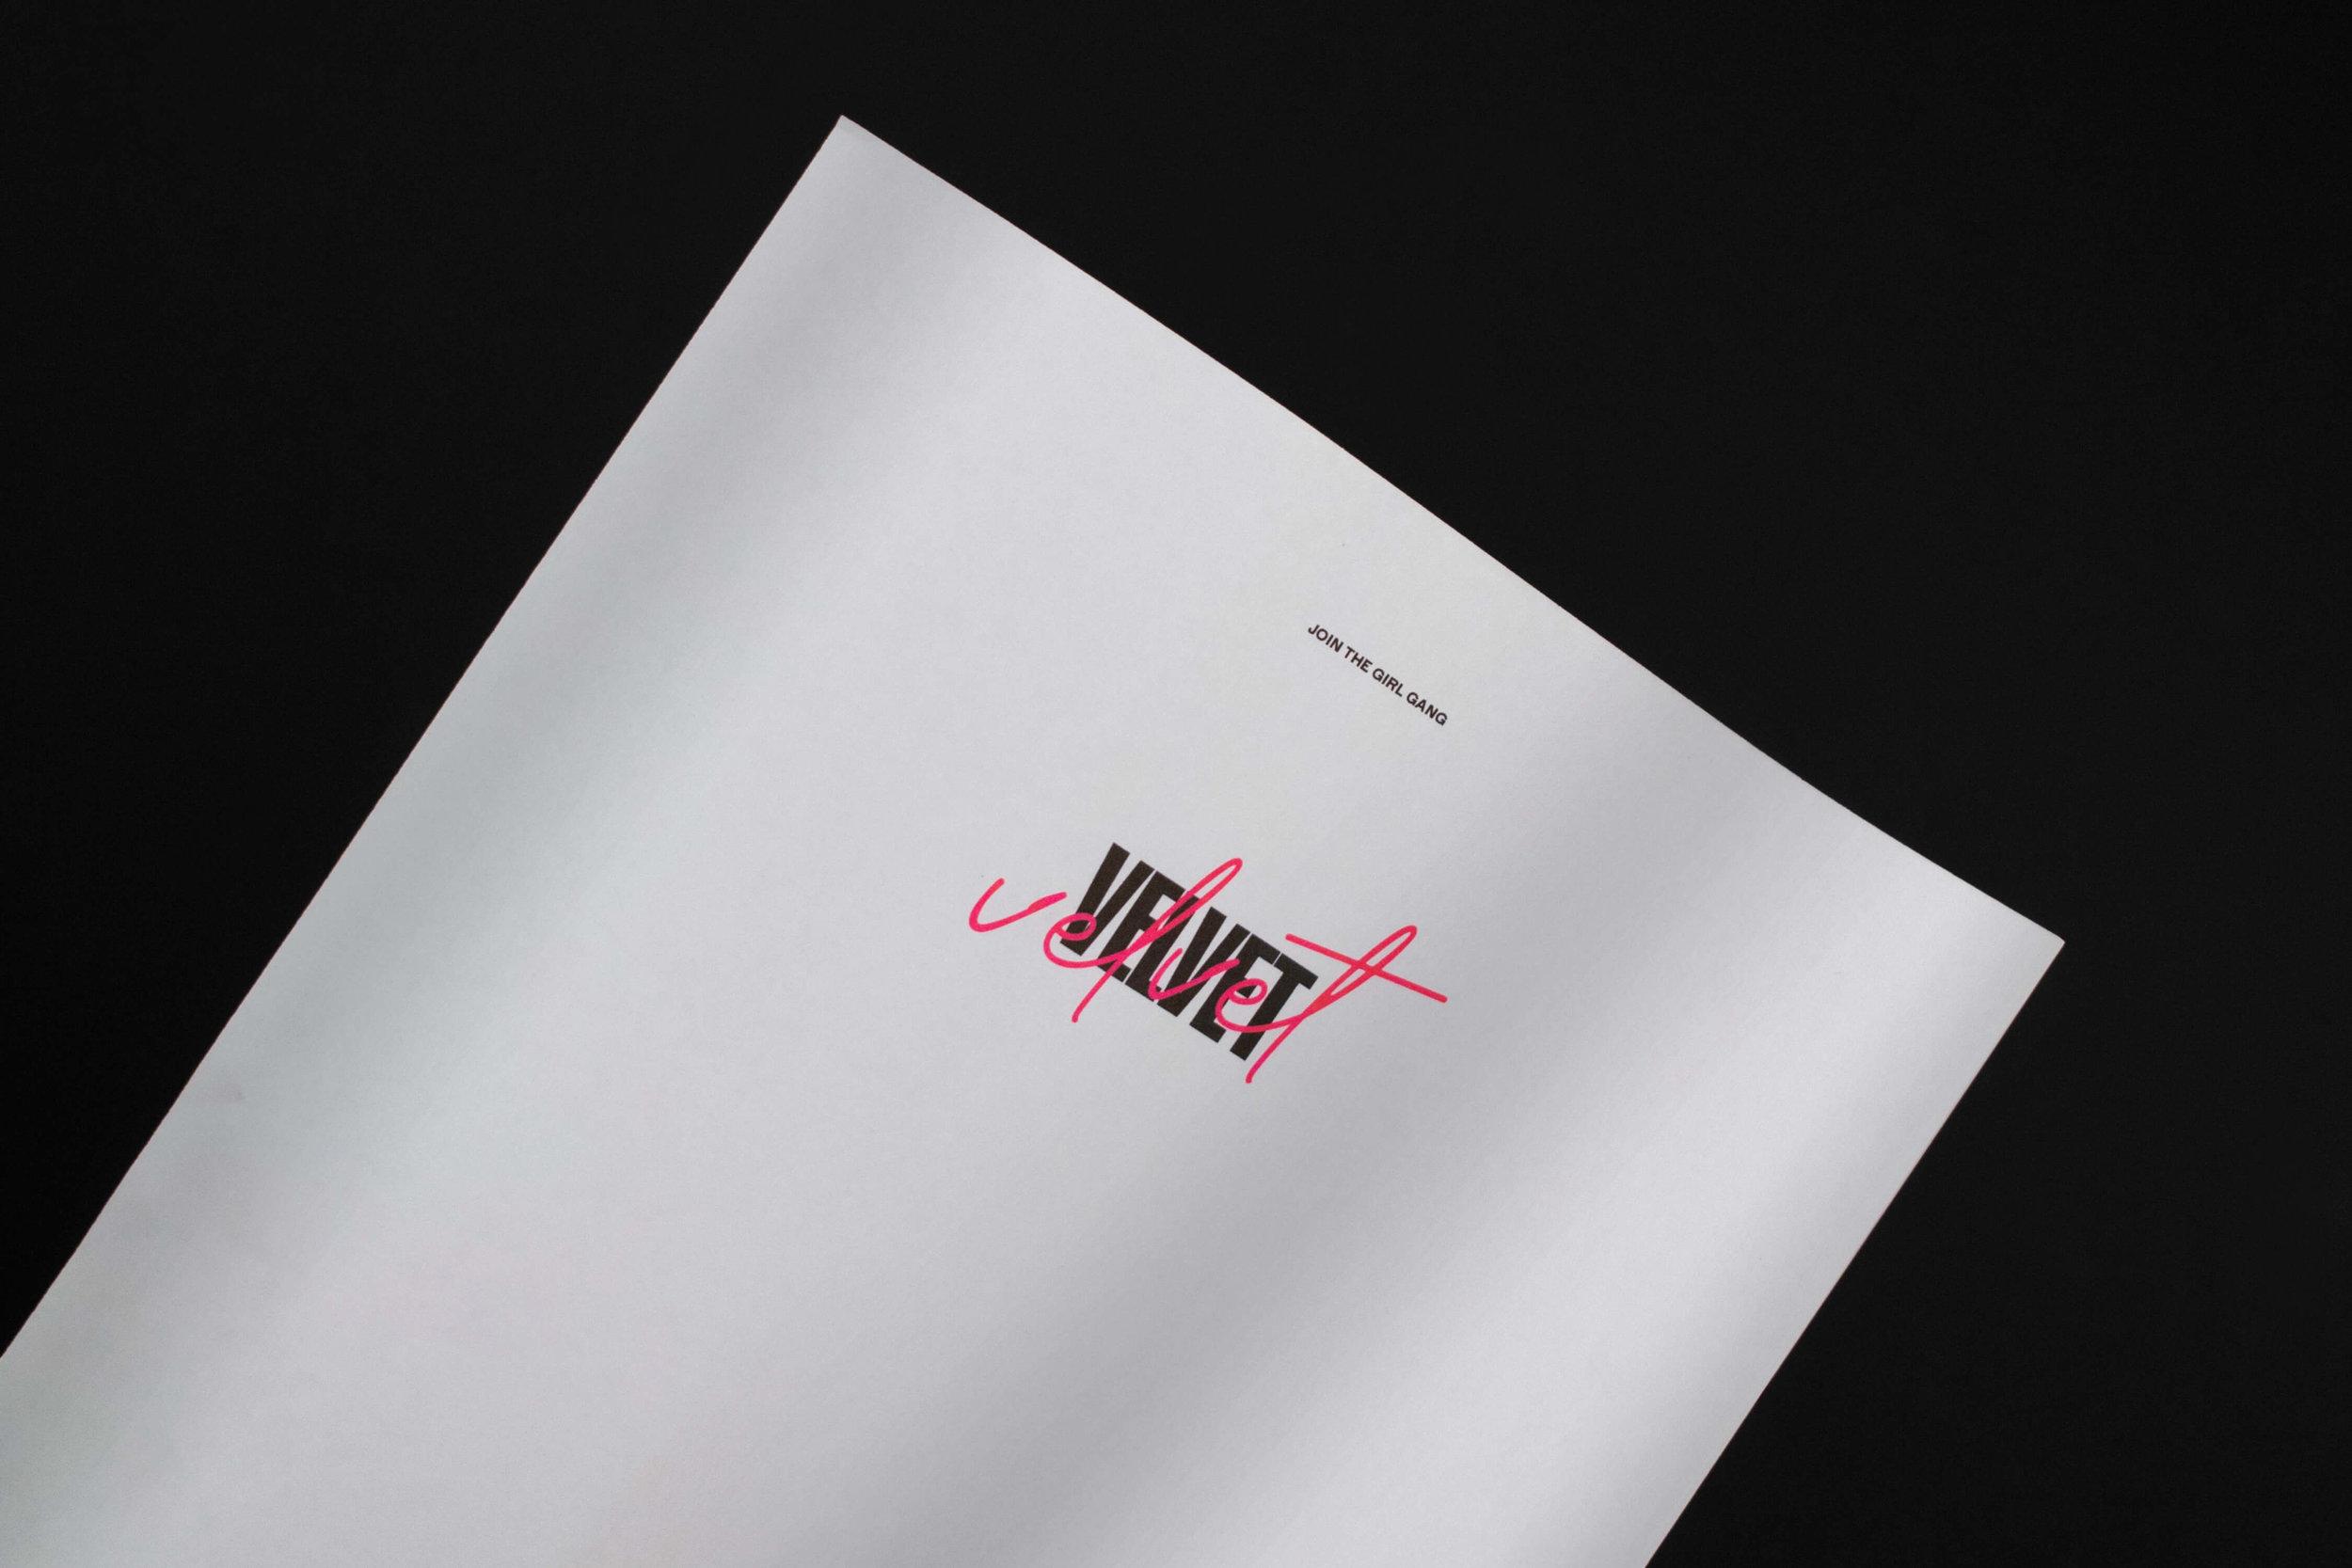 logo-design-branding-san-diego-vortic-velvet-14-2